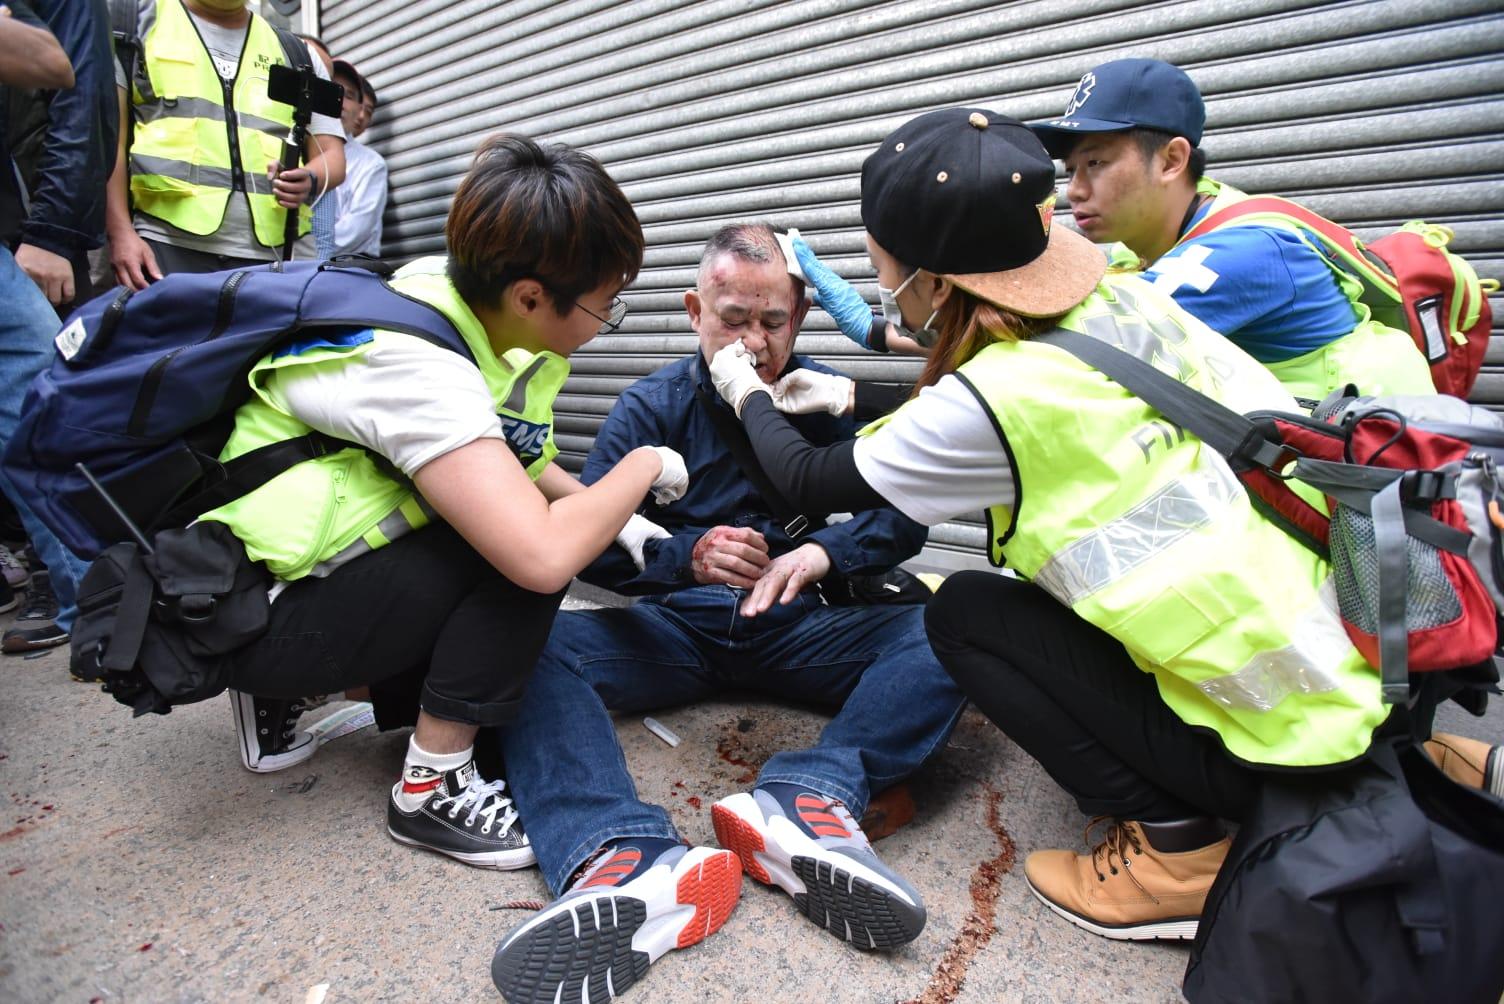 該名日本遊客在場接受治理。